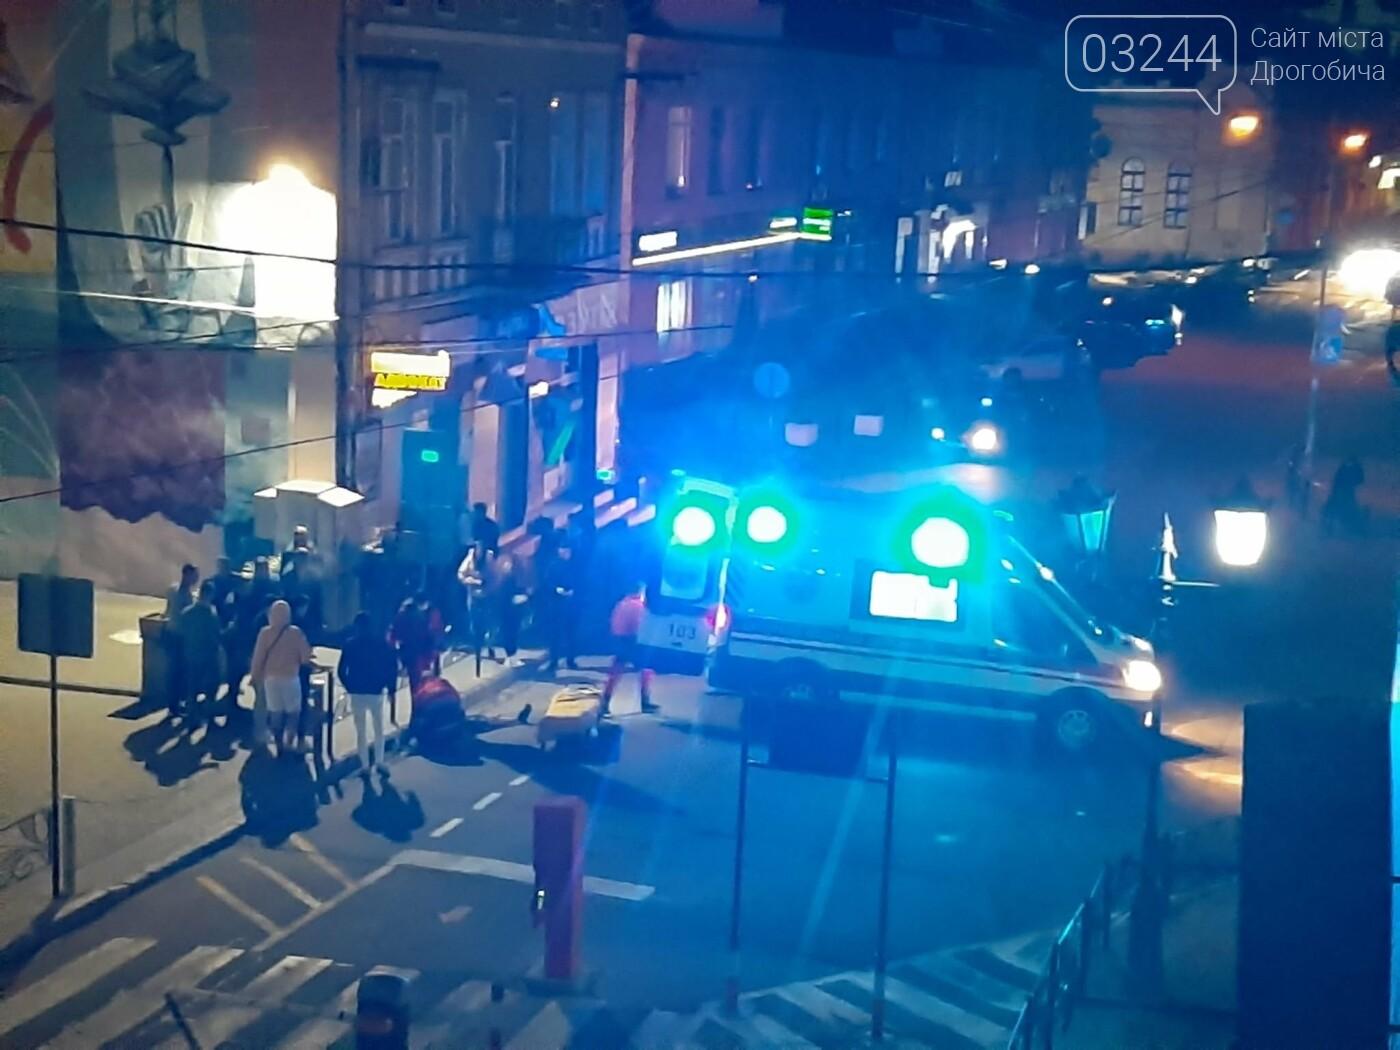 Не розминувся із шлагбаумом - вночі скутерист влетів у паркувальну систему на вулиці Мазепи, фото-2